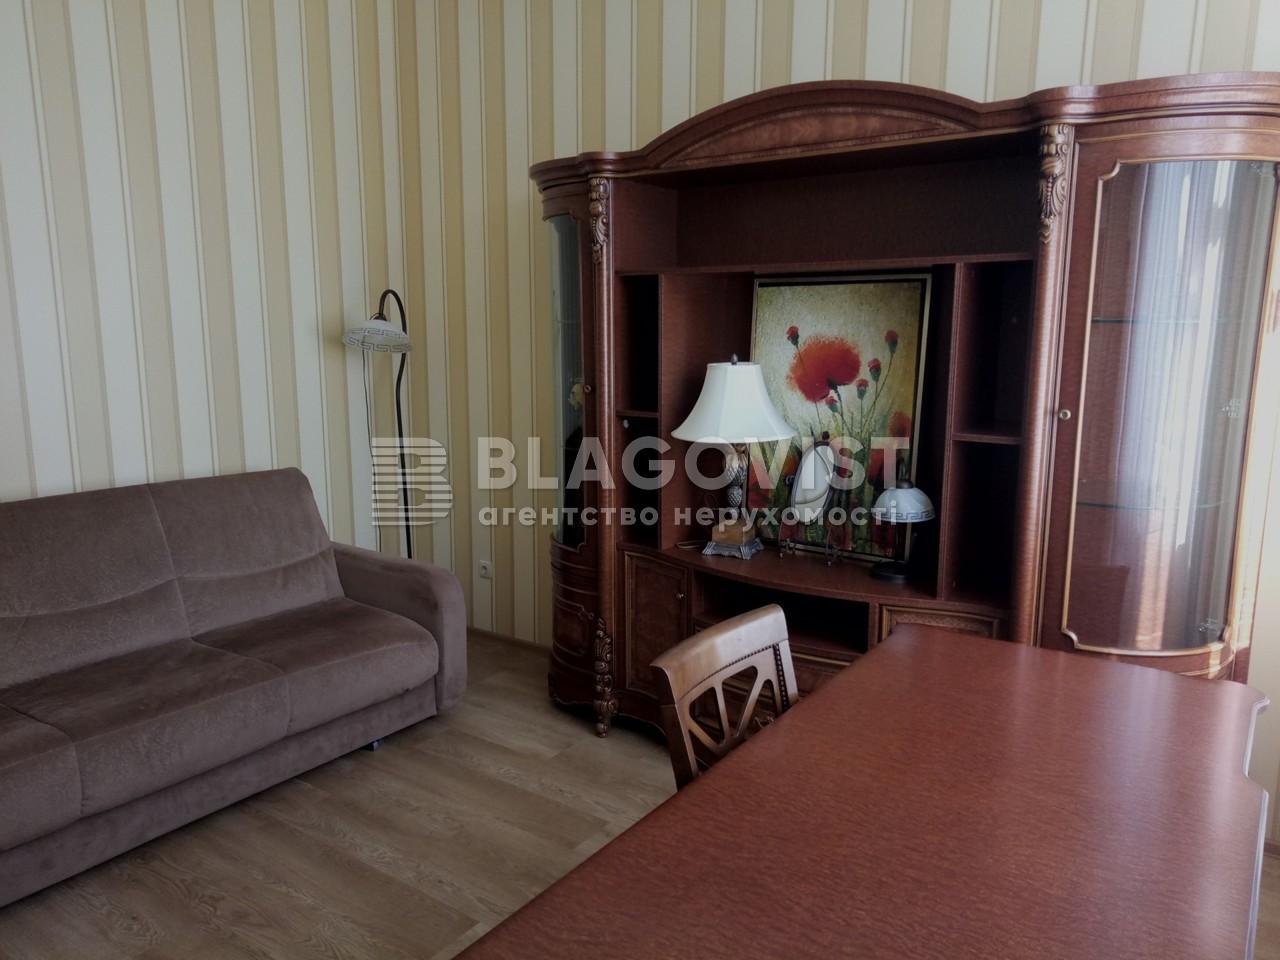 Квартира M-35970, Борщаговская, 28а, Петропавловская Борщаговка - Фото 6